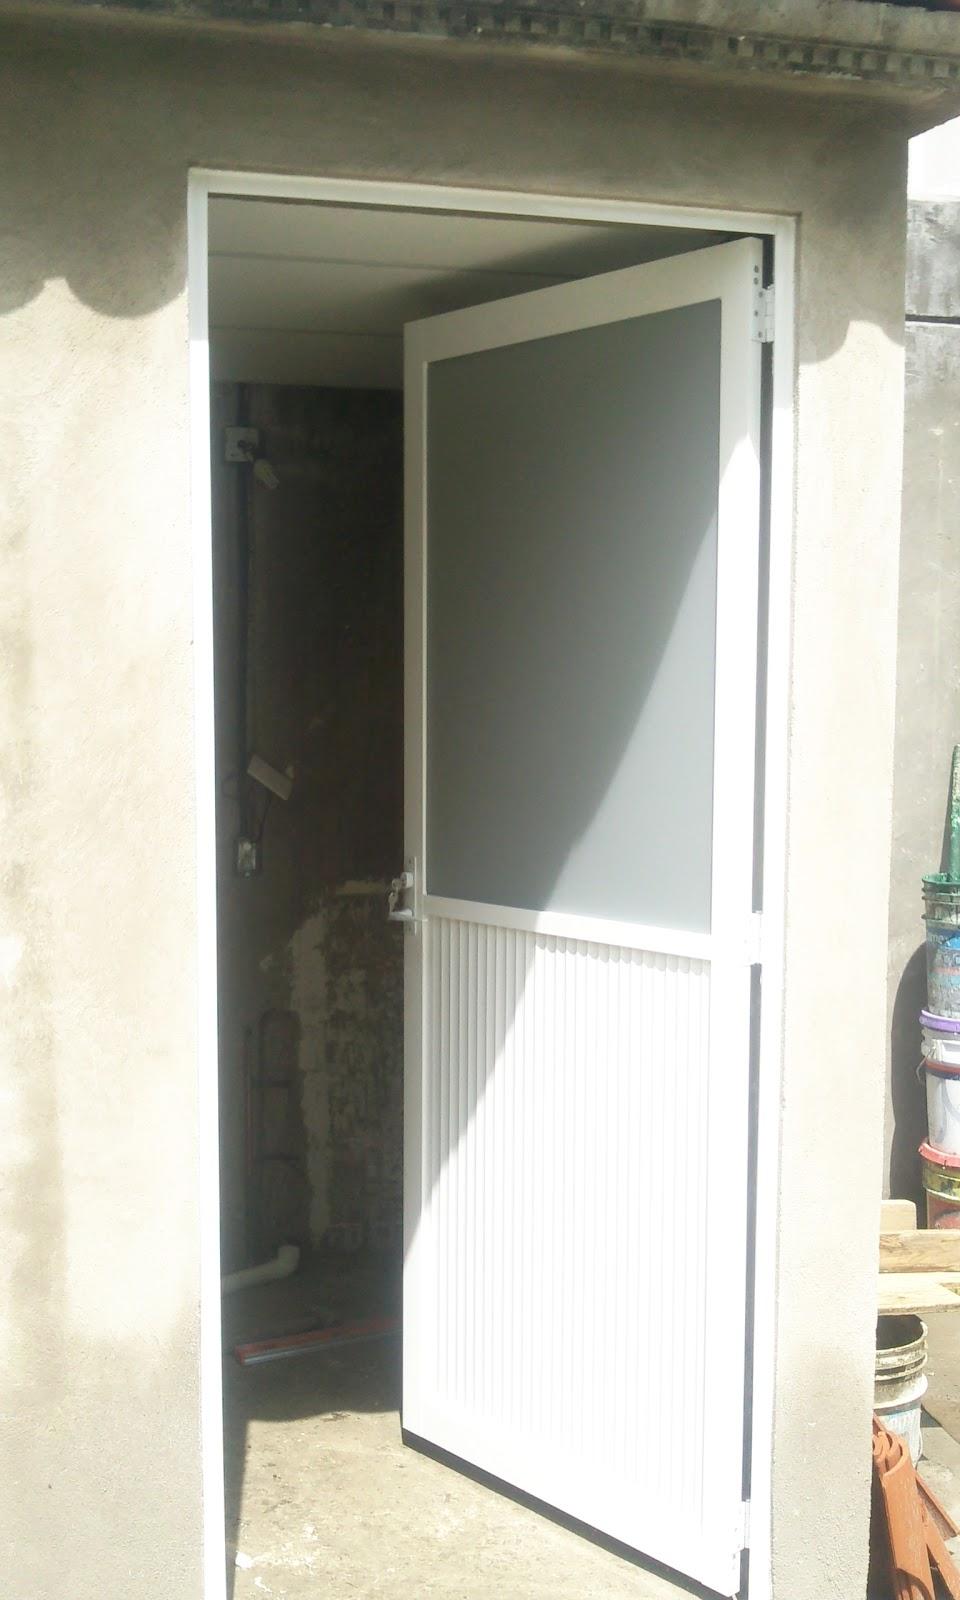 Puertas De Baño Aluminio:Puerta de aluminio blanco con bisagras de libro mitad duela y mitad